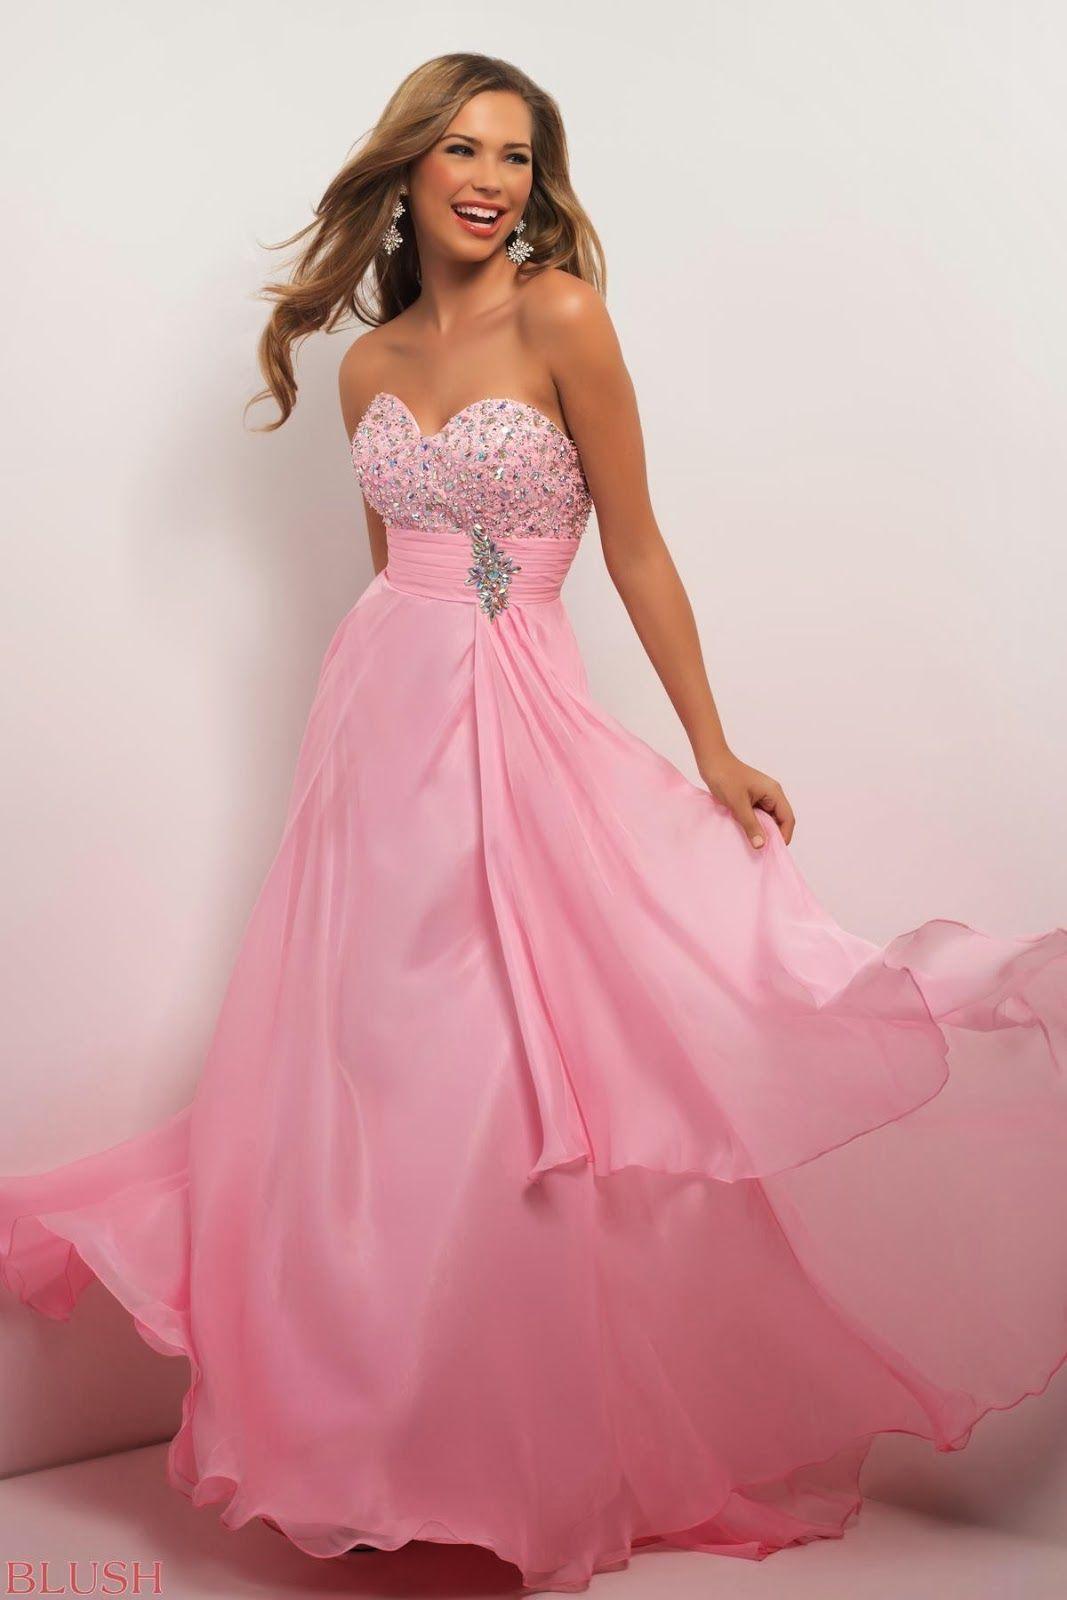 vestidos-rosa-volados-juvenil | Vestidos | Pinterest | Vestidos ...